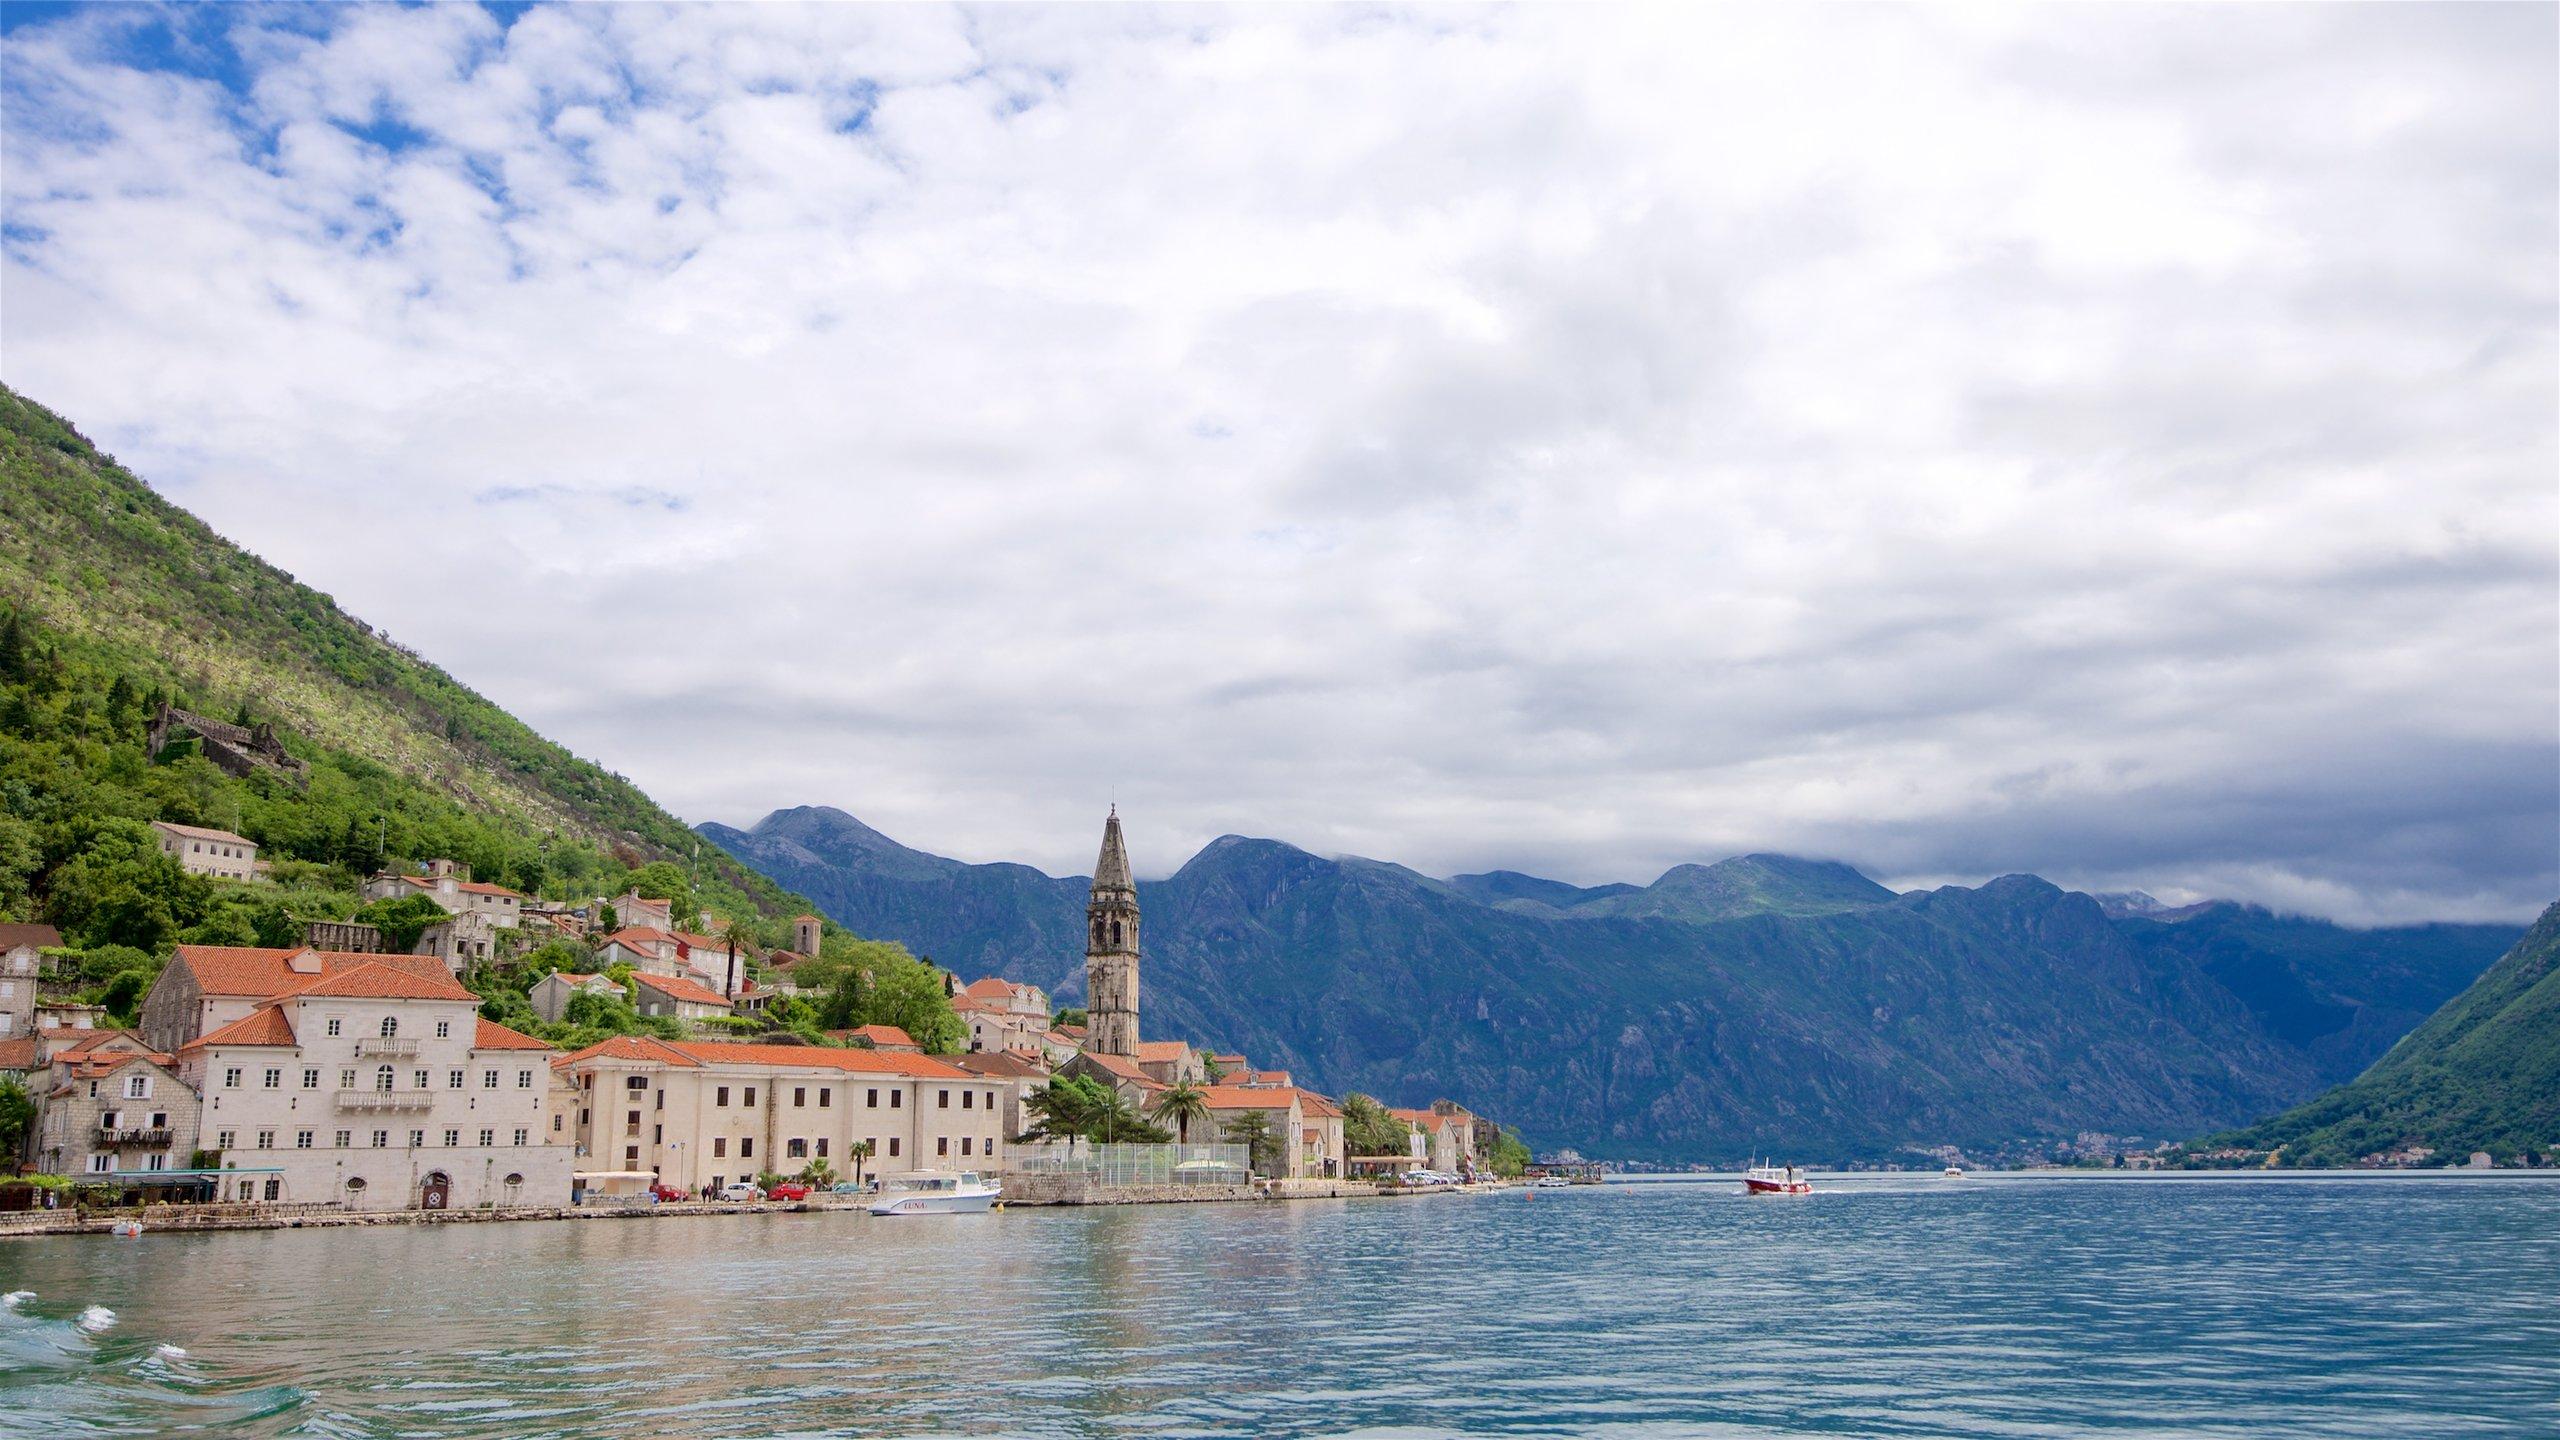 Kotor Municipality, Montenegro